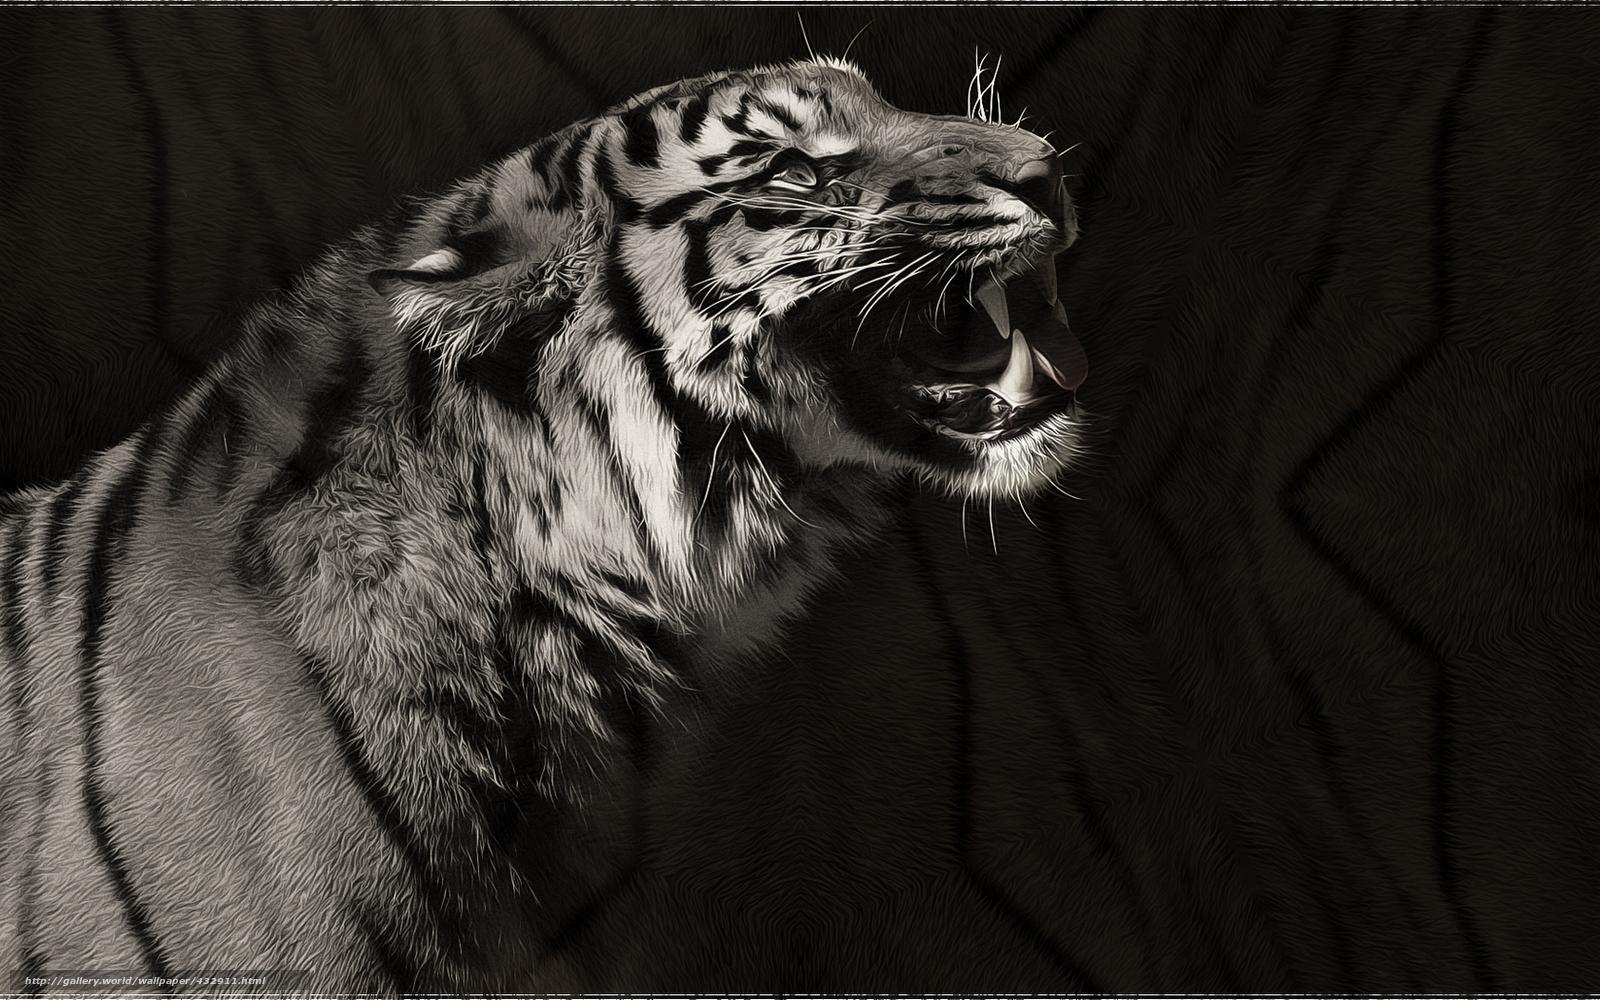 tlcharger fond d 39 ecran tigre art prdateur noir et blanc fonds d 39 ecran gratuits pour votre. Black Bedroom Furniture Sets. Home Design Ideas